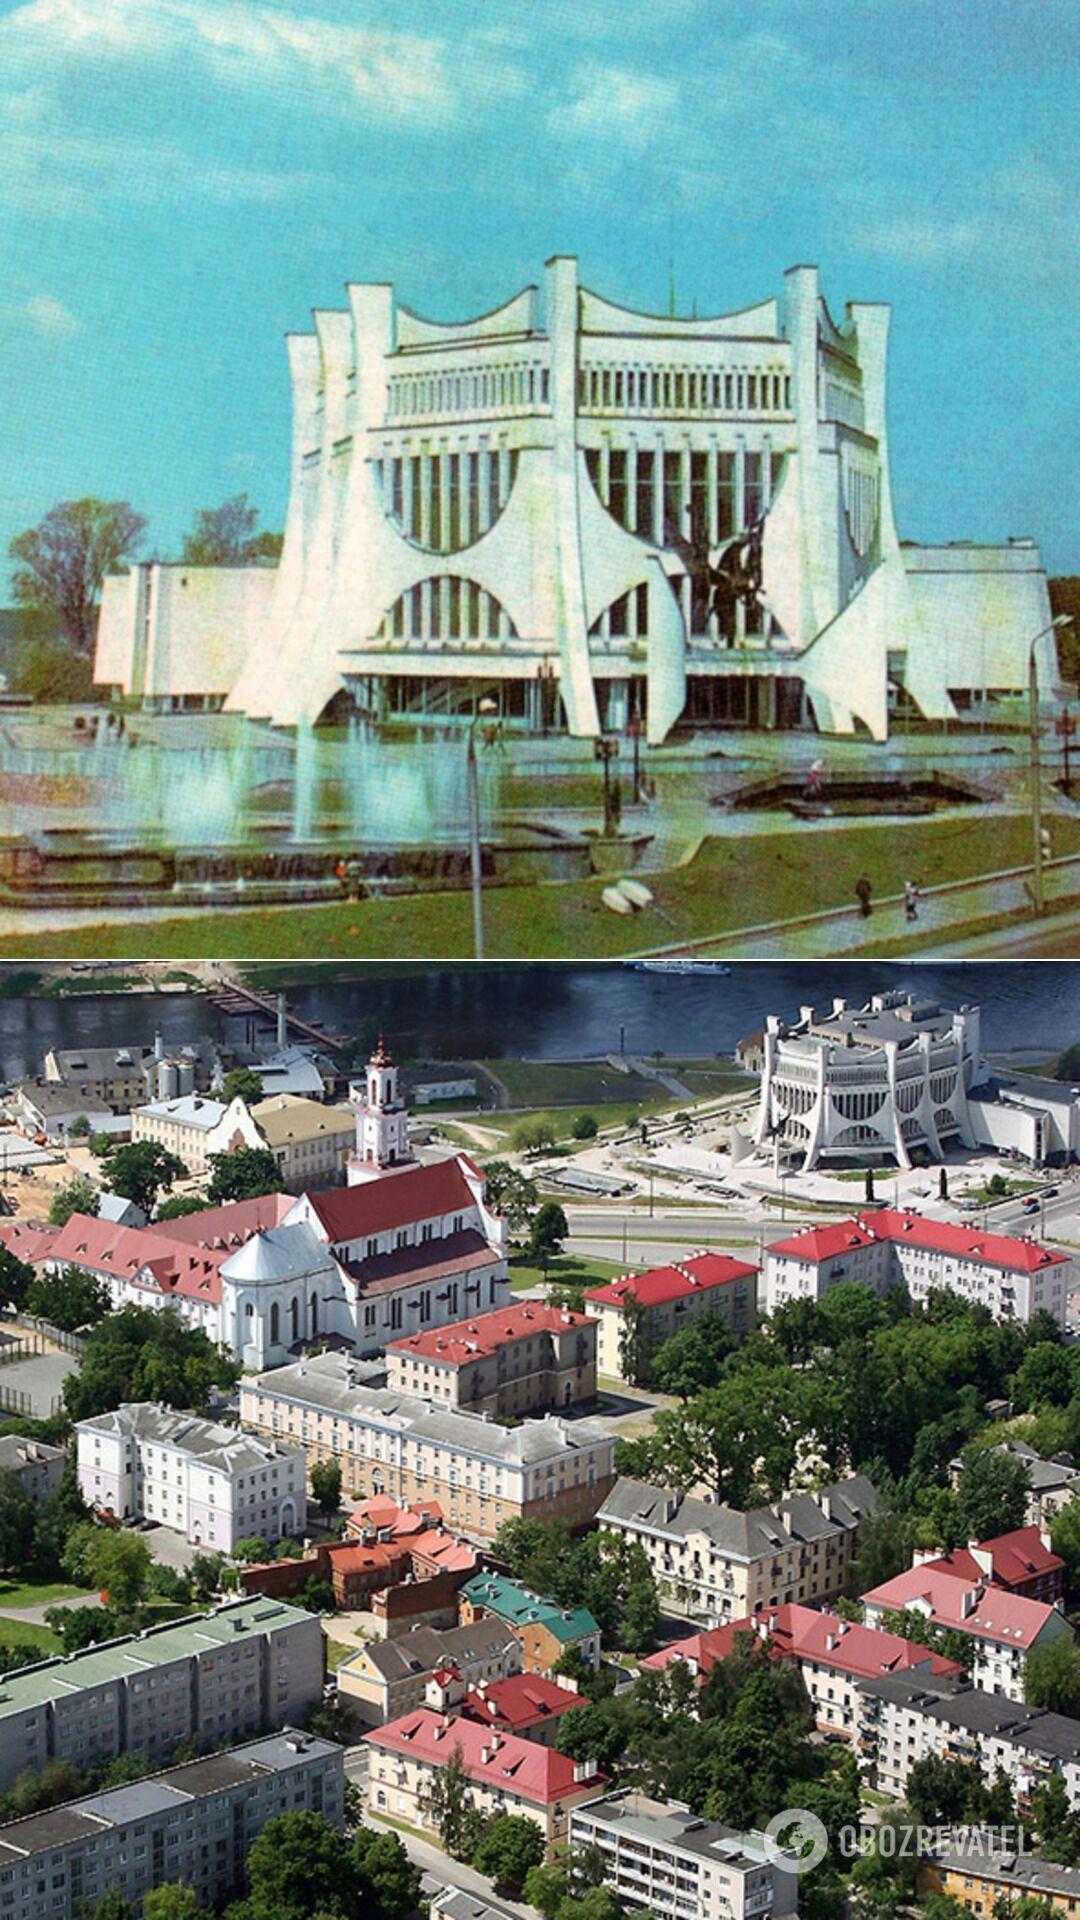 Областной драматический театр, Гродно (Беларусь), 1977-1984 годы